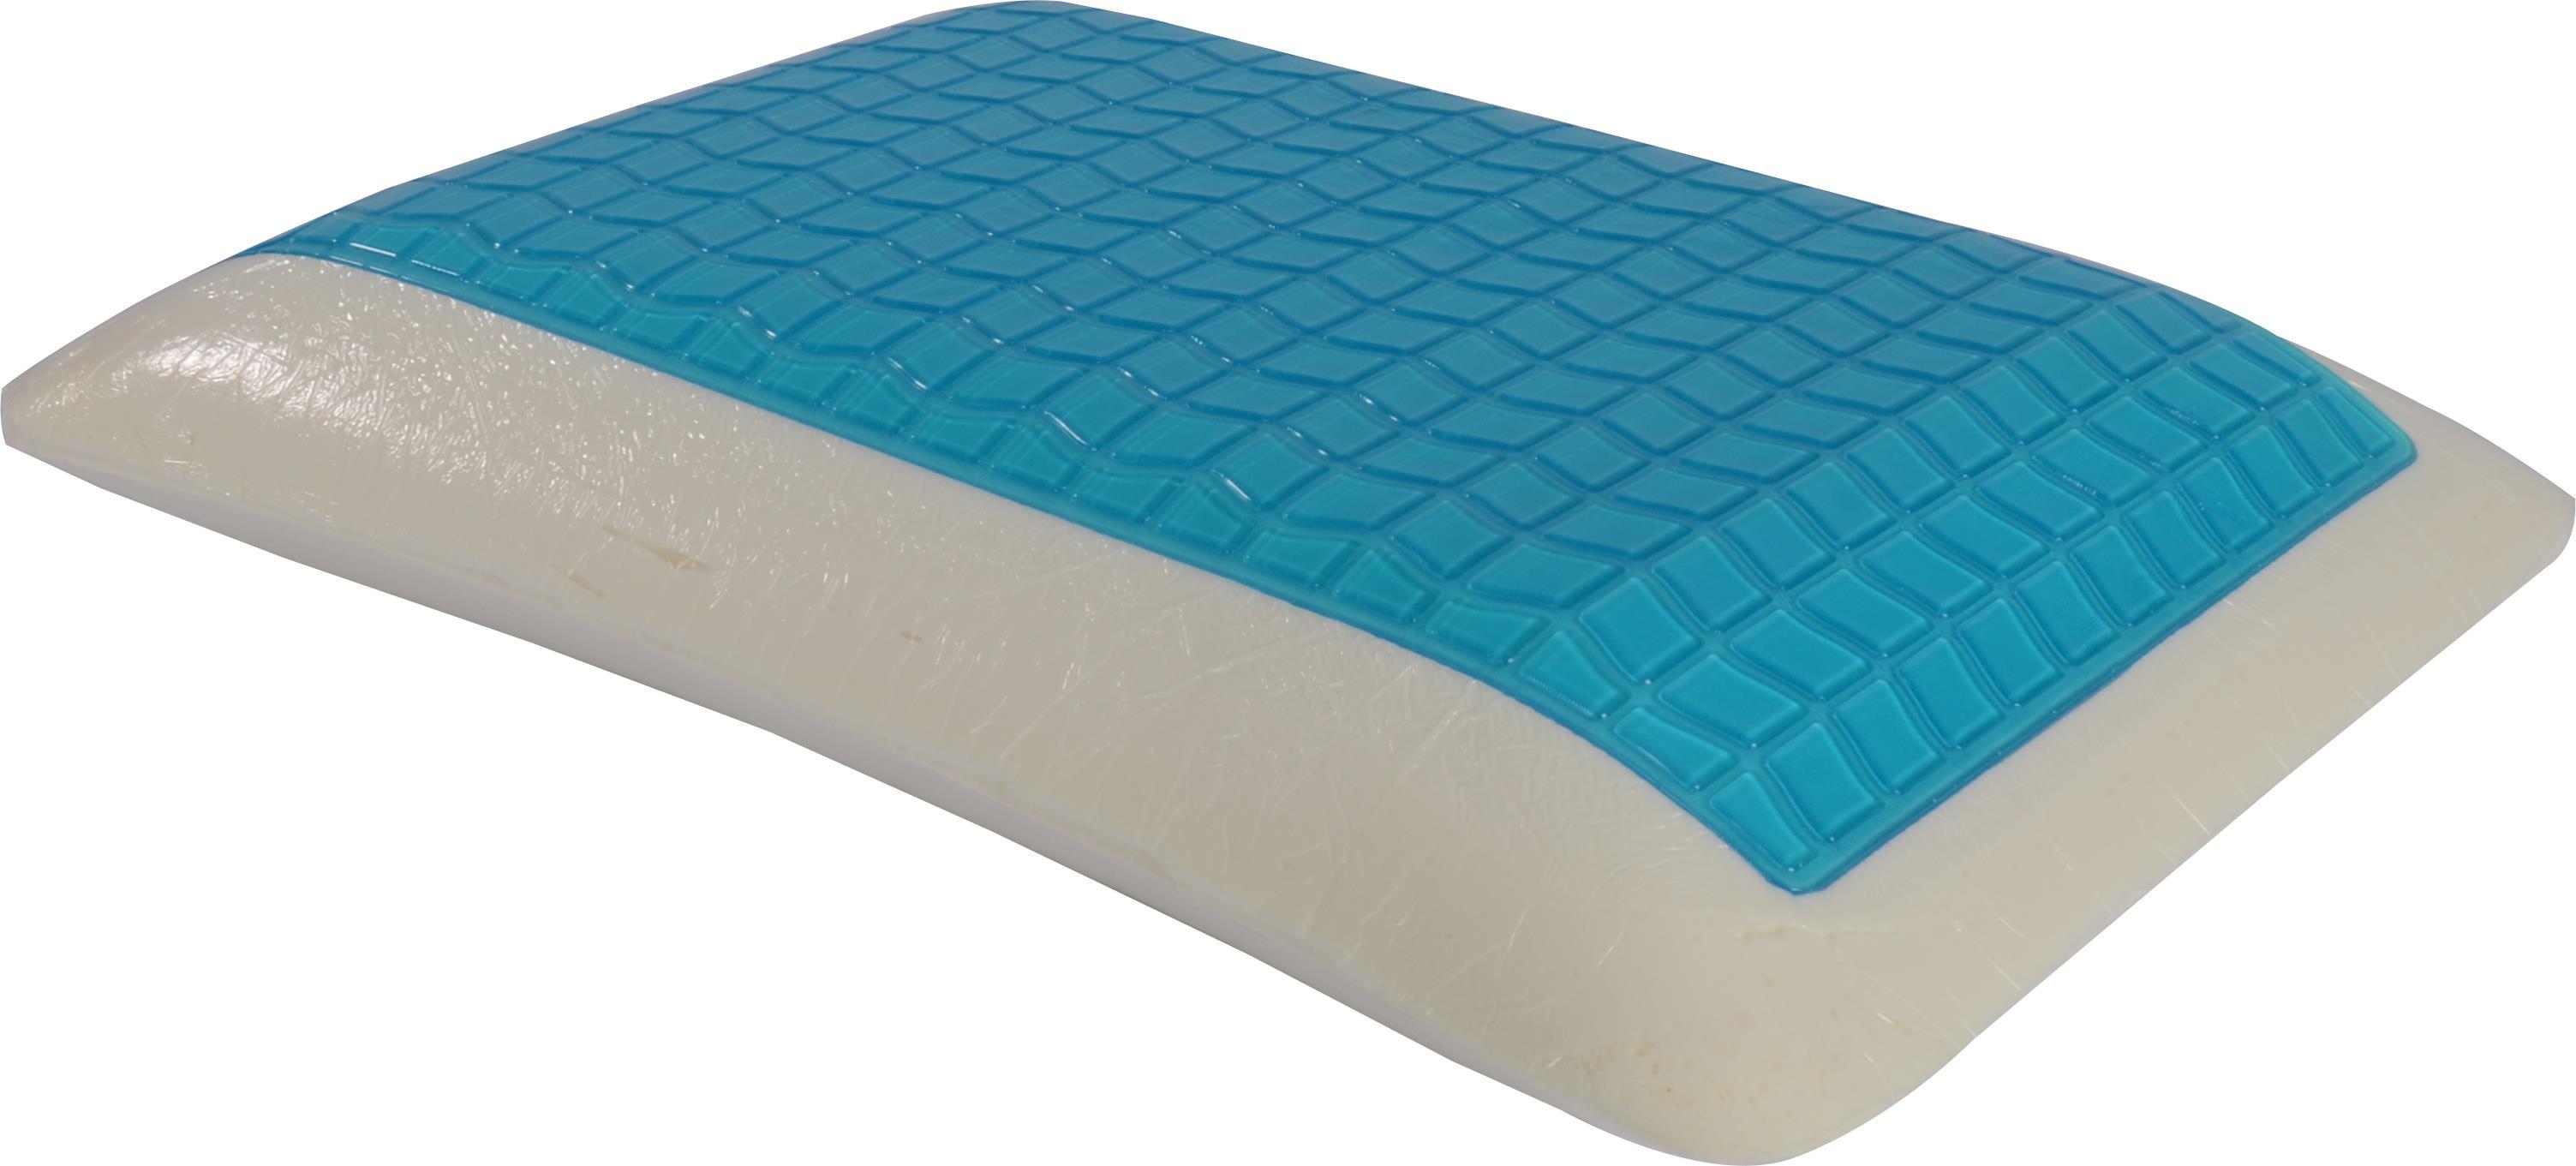 כרית שינה ויסקו אורטופדית שטוחה עם שכבת ג'ל קירור